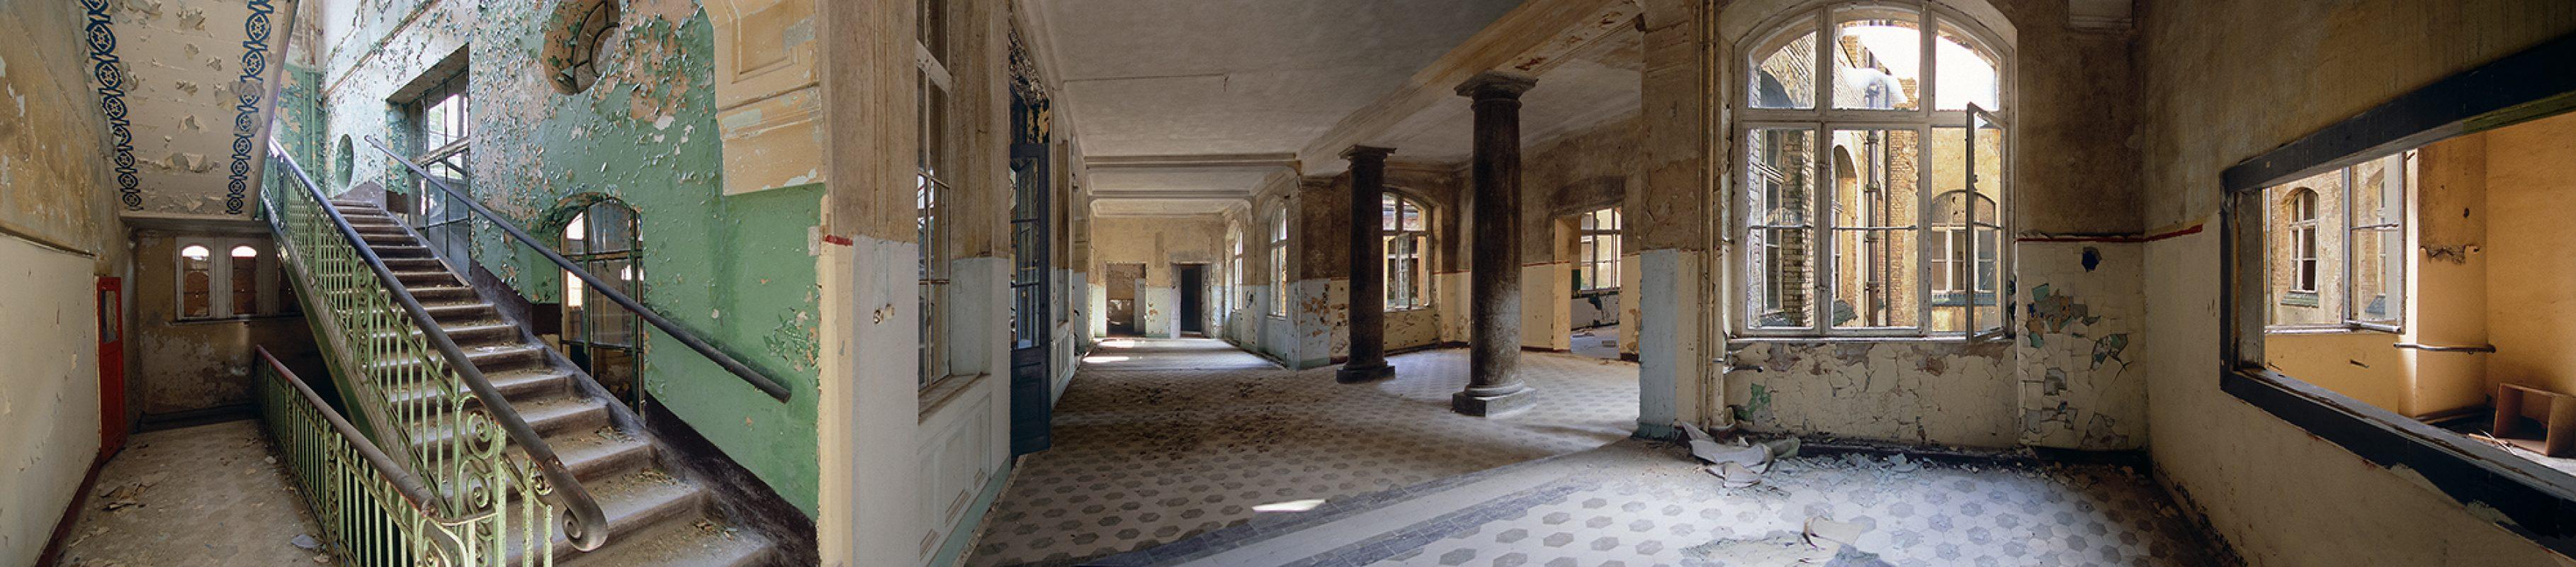 Beelitz Heistätten